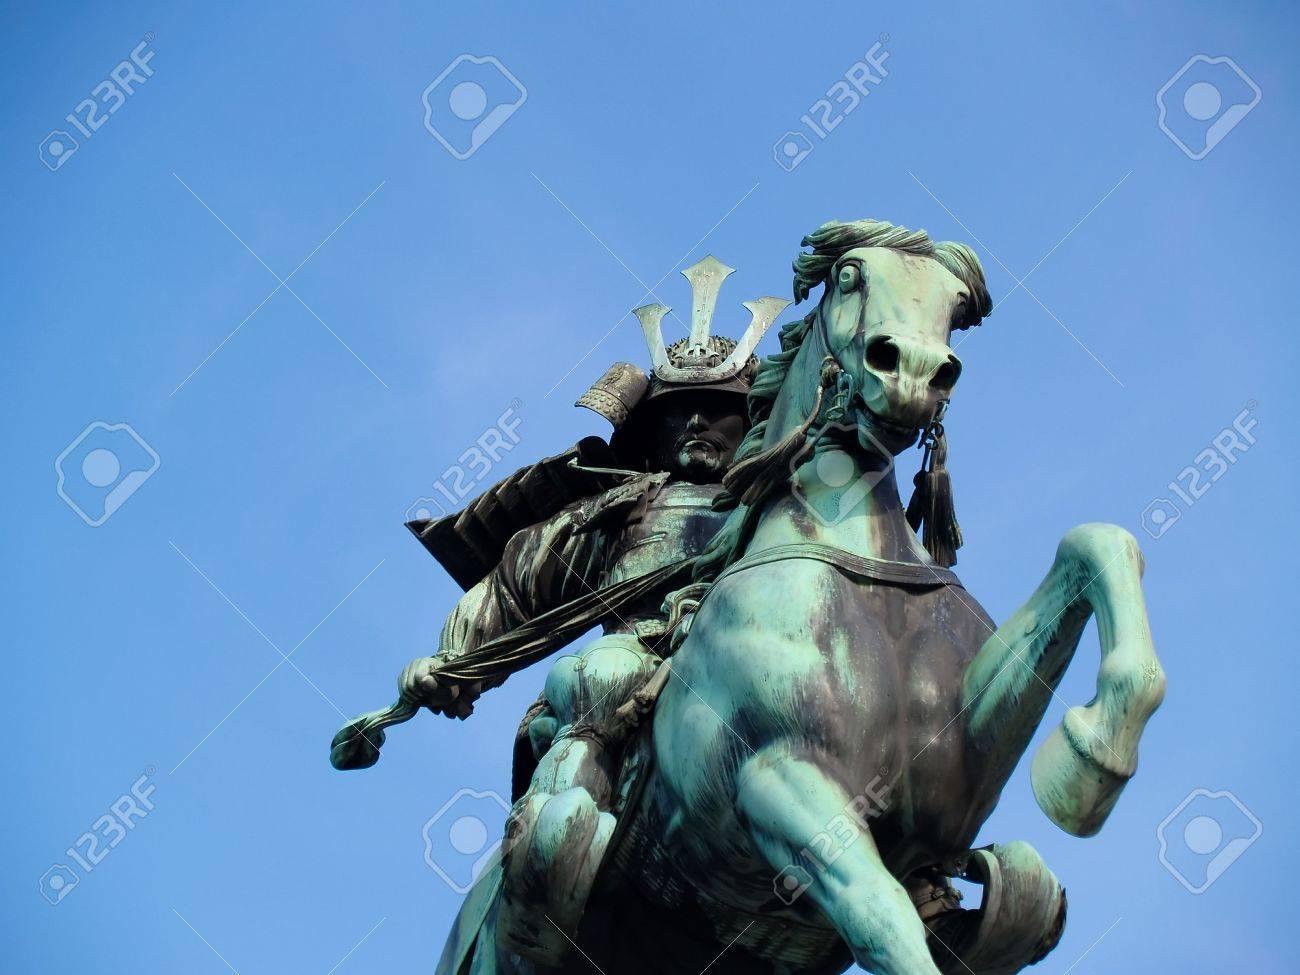 6759727-Samurai-jinete-caballo-masashige